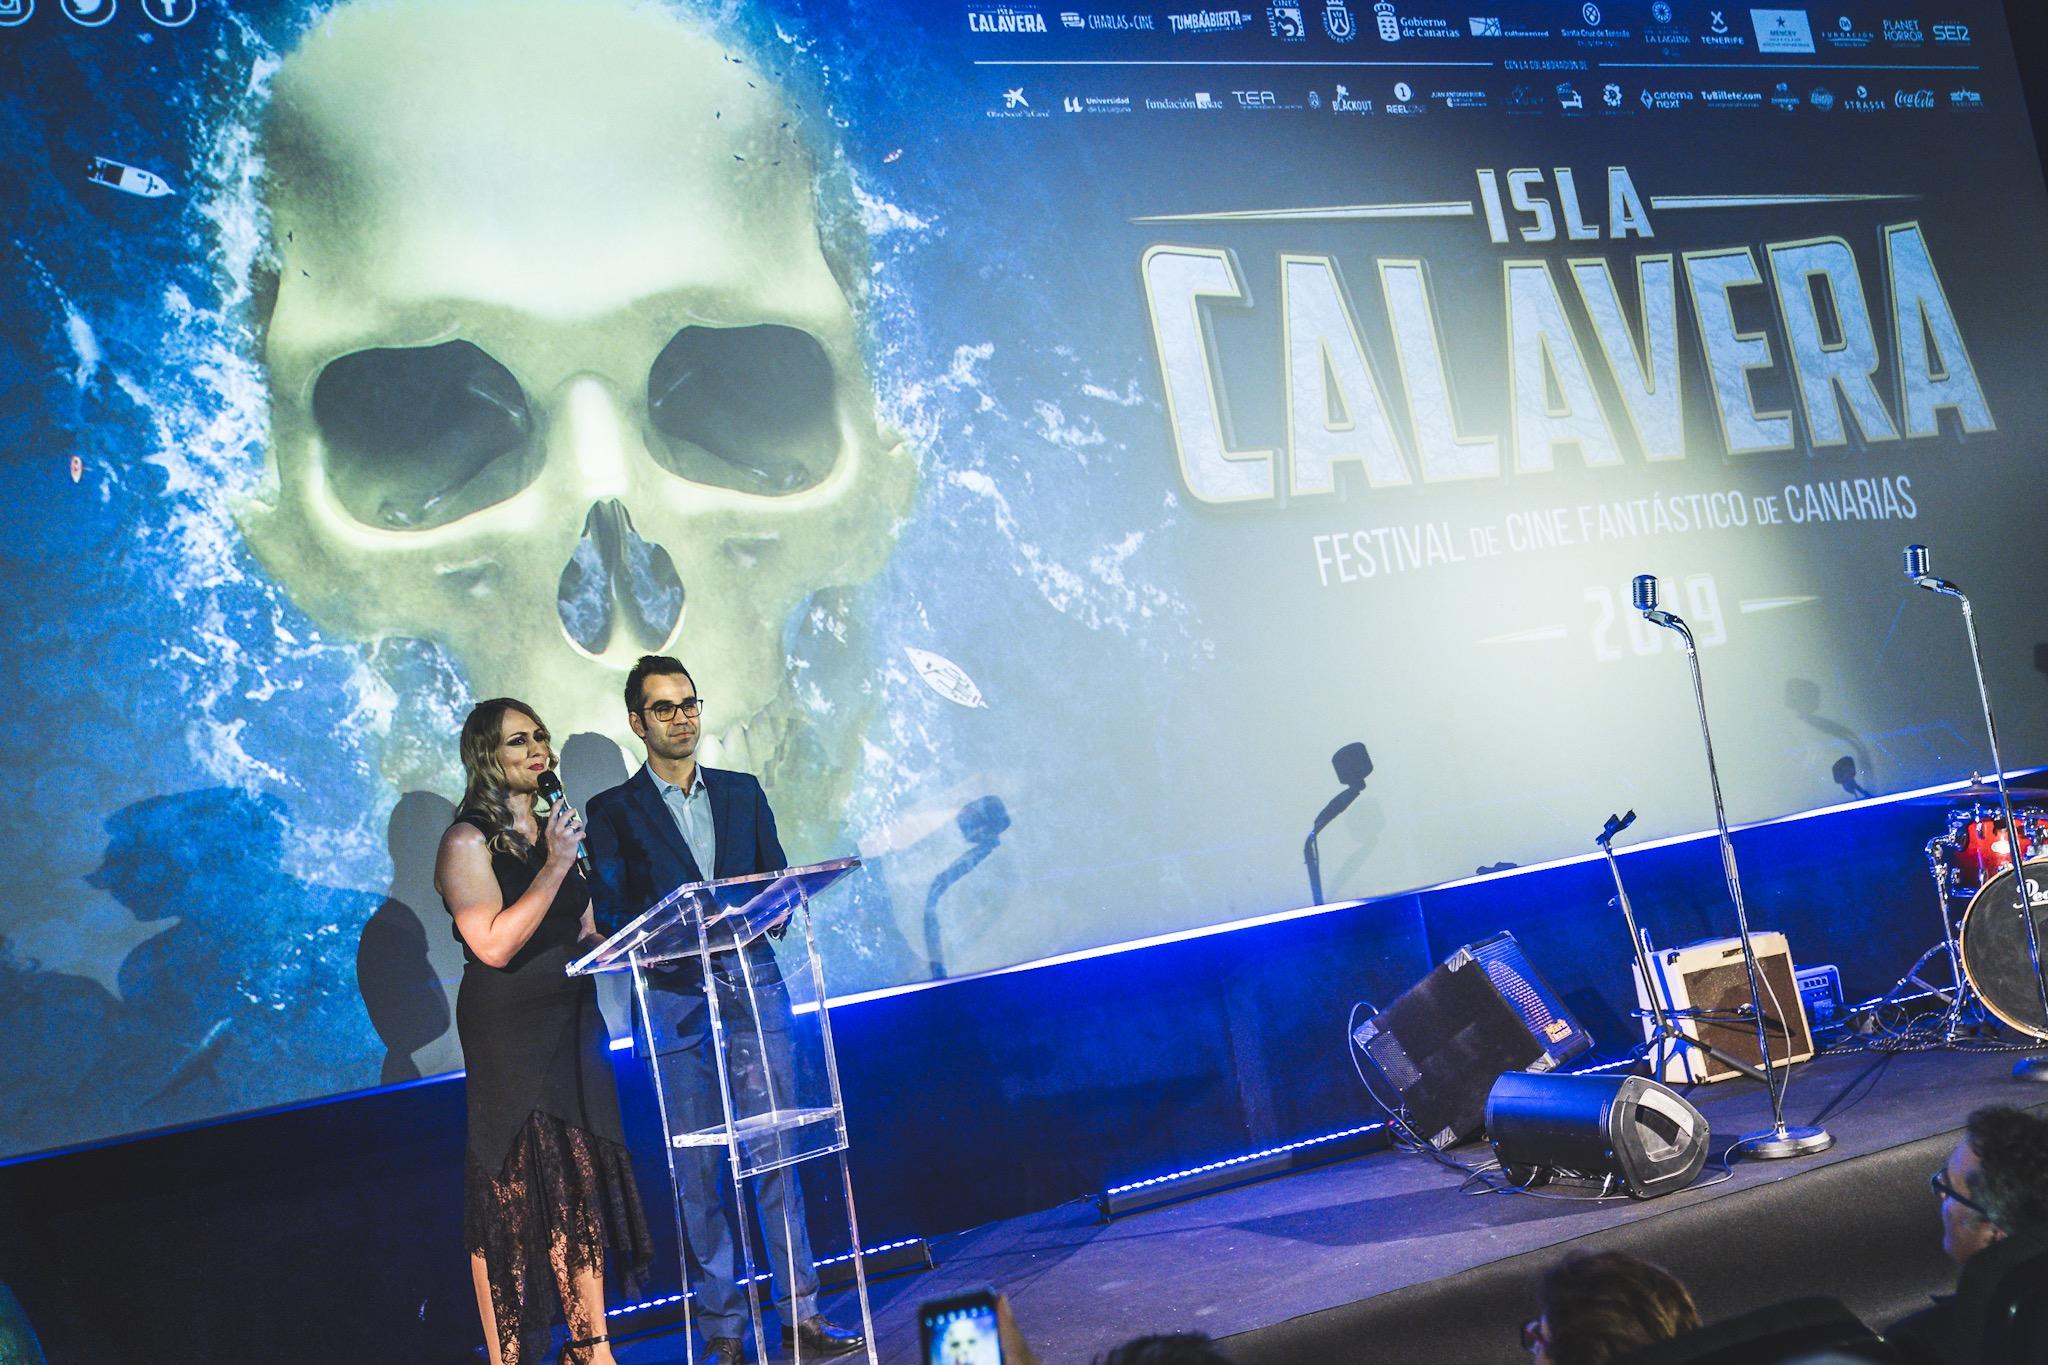 Presentadores de la Gala de Clausura del Festival Isla Calavera 2019, Vanesa Bocanegra y Miguel Ángel Rodríguez Villar.